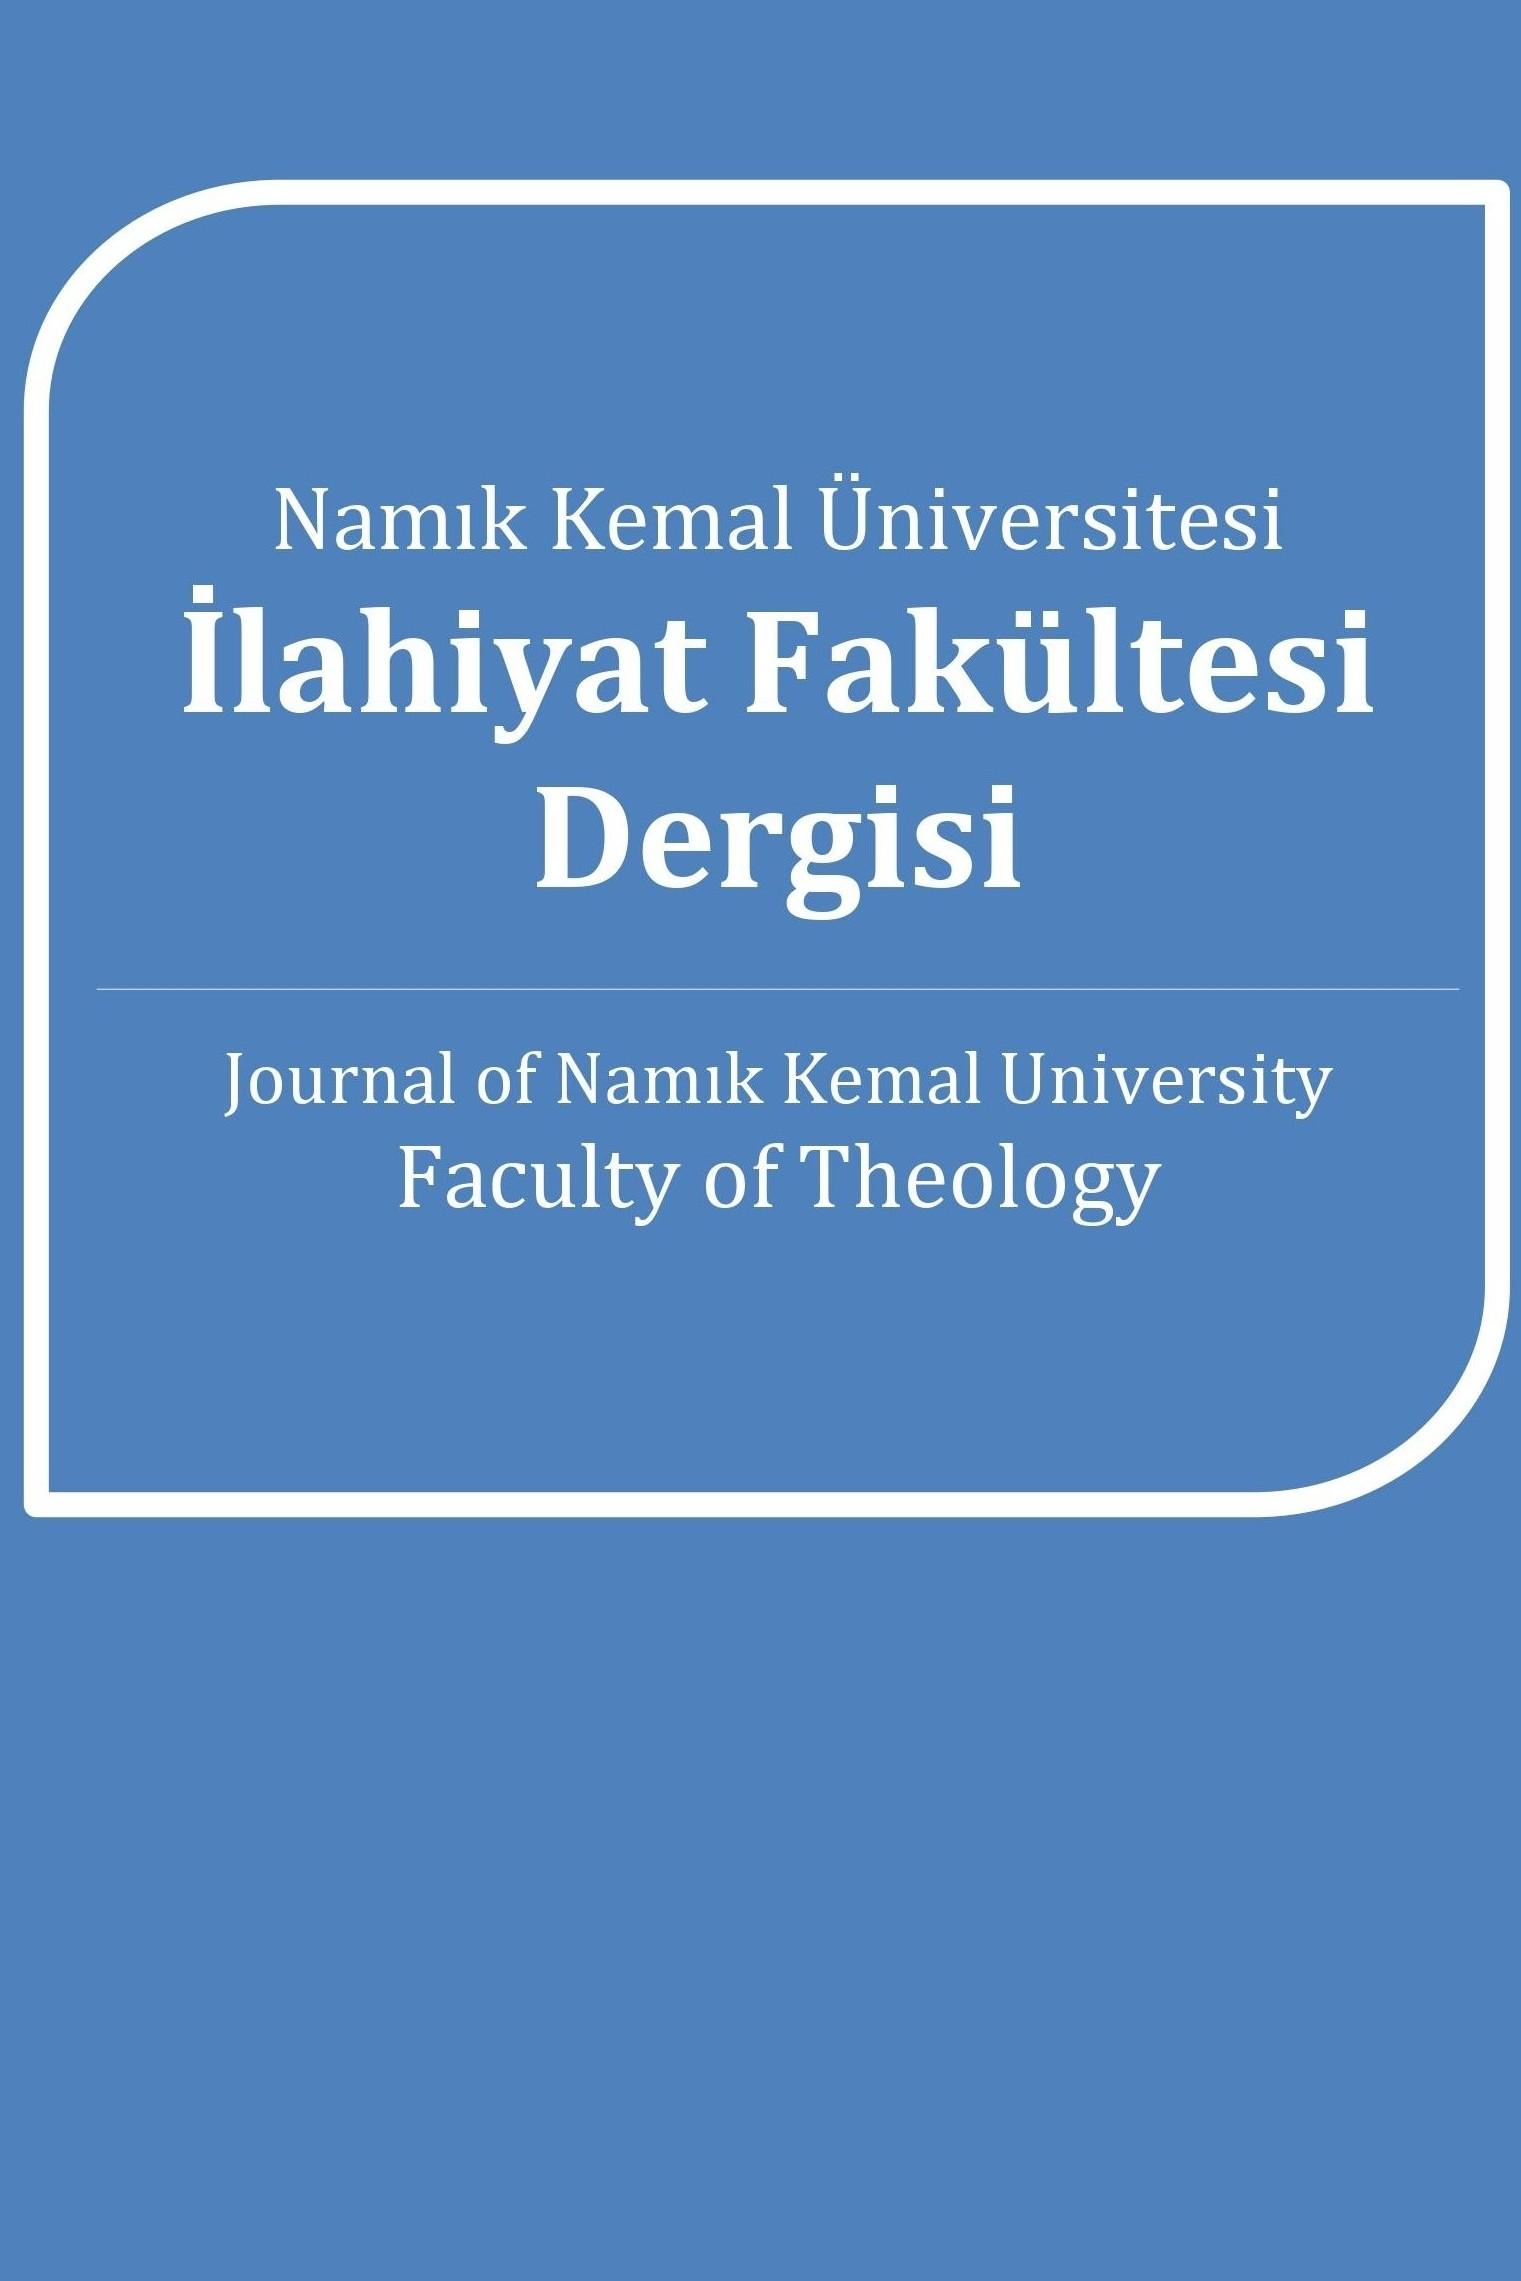 Namık Kemal Üniversitesi İlahiyat Fakültesi Dergisi (NKUIFD)